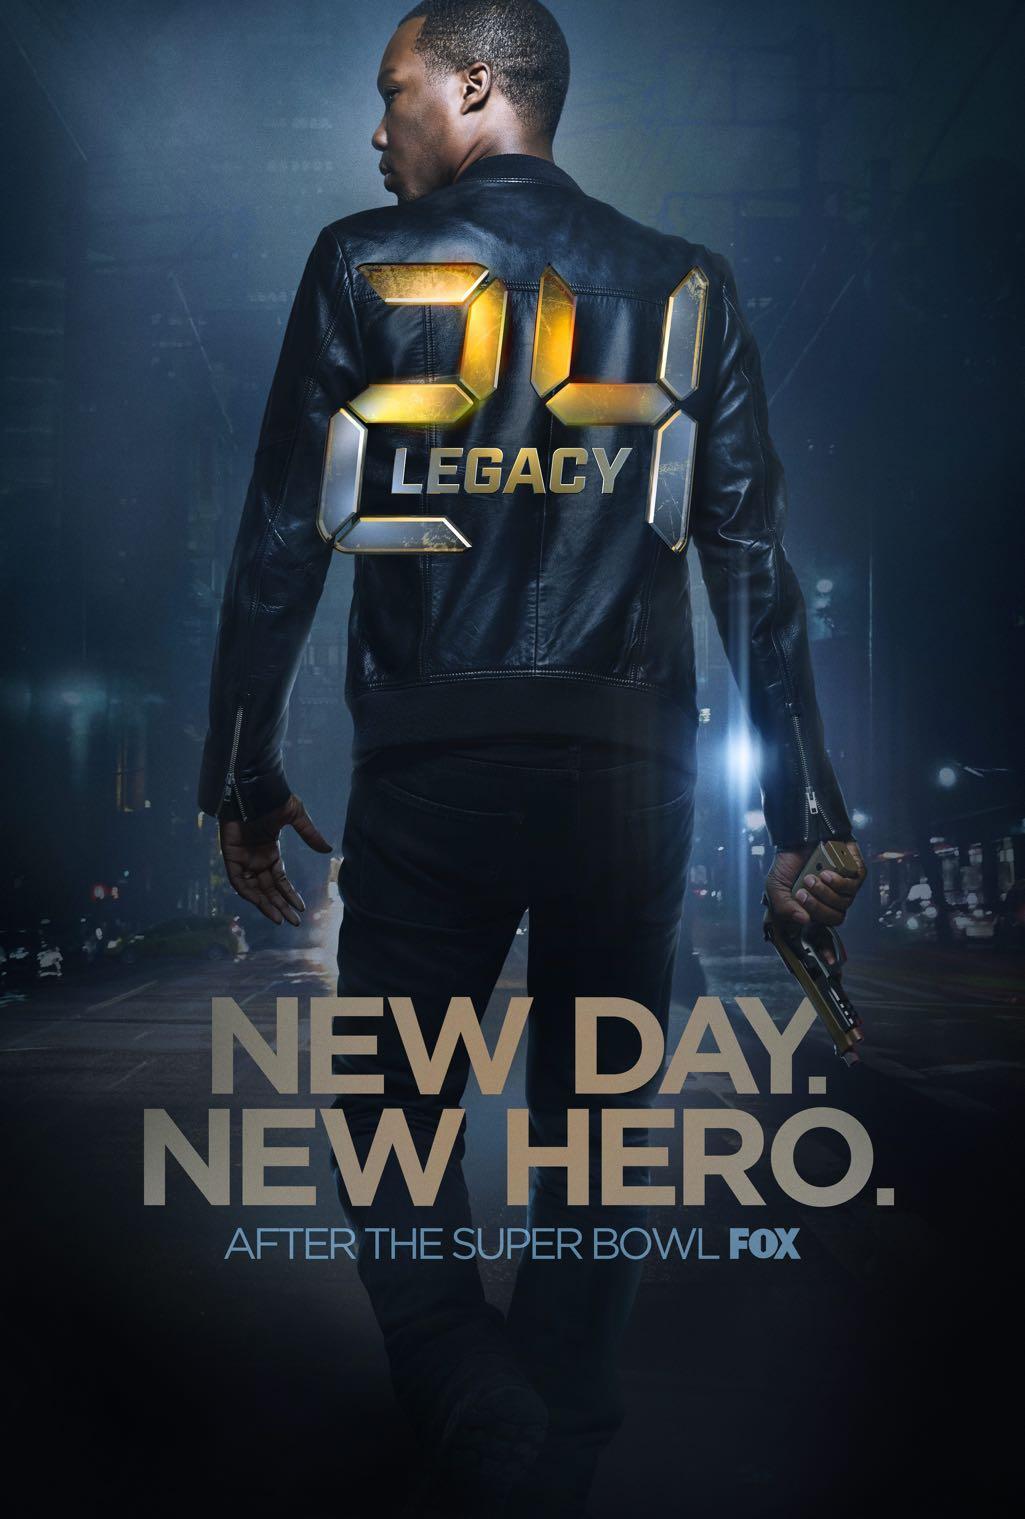 24 Legacy Season 1 Episode 4 Download WEB-DL